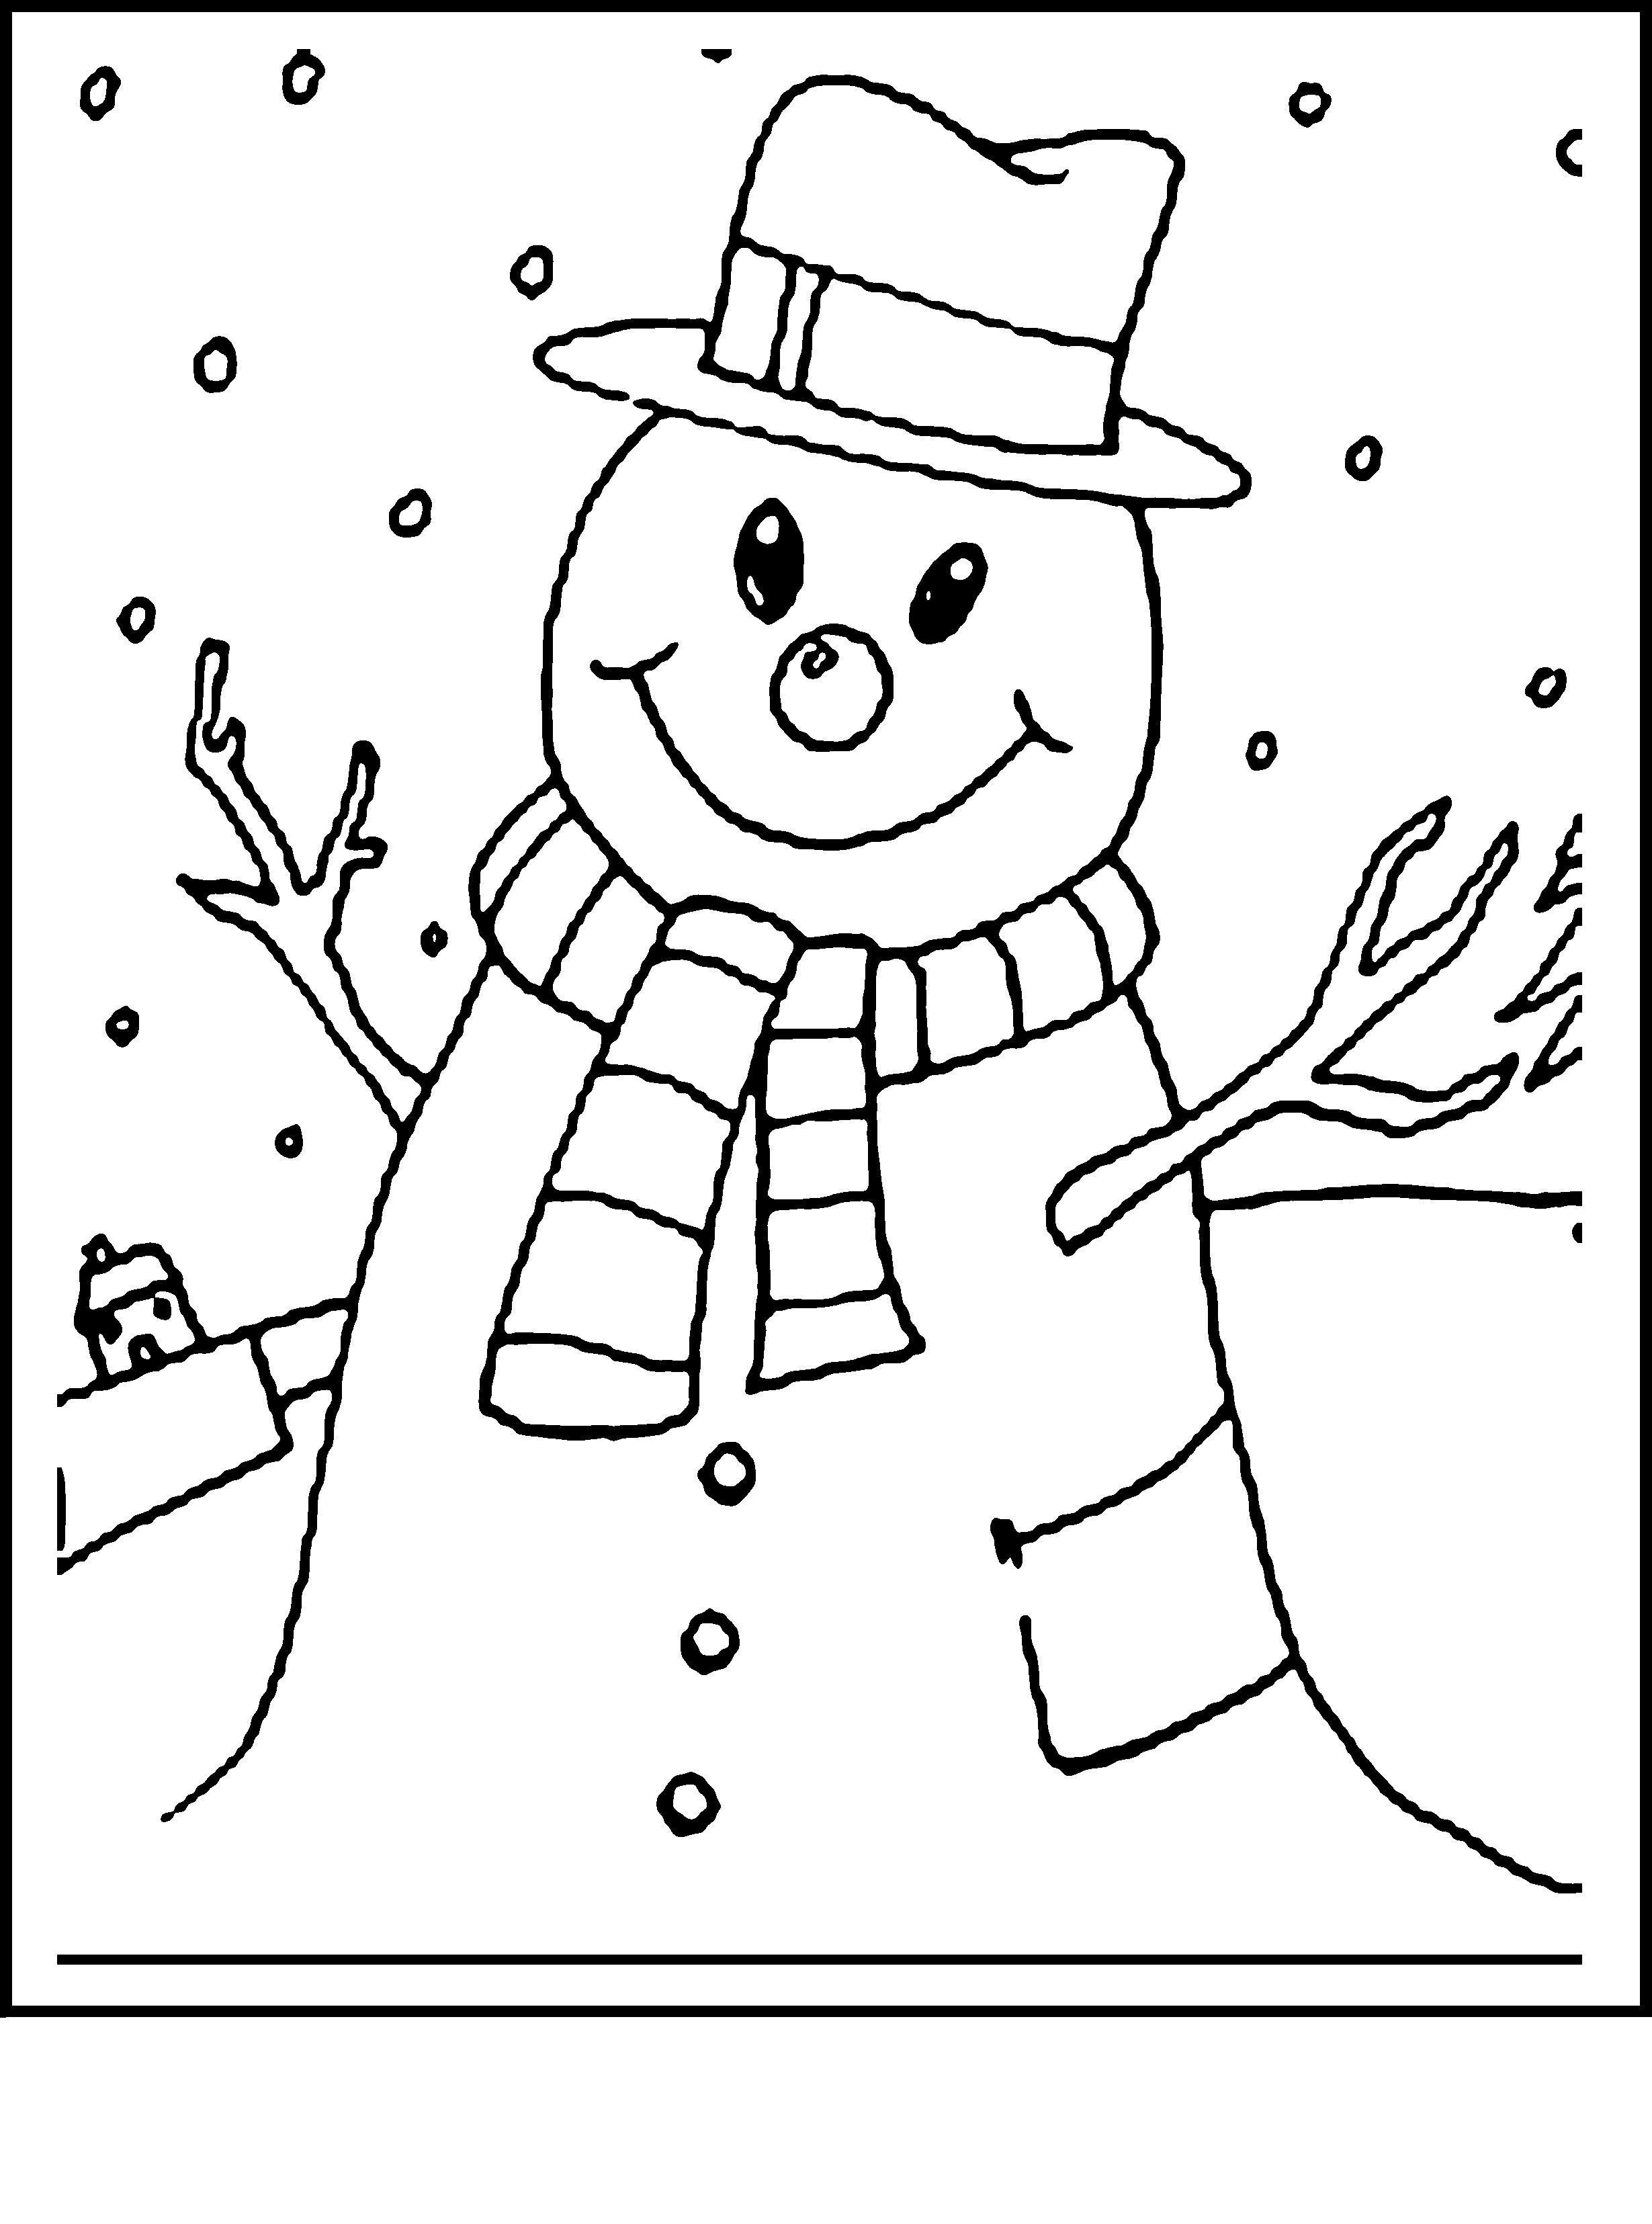 Снеговик весельчак Раскраска зима распечатать